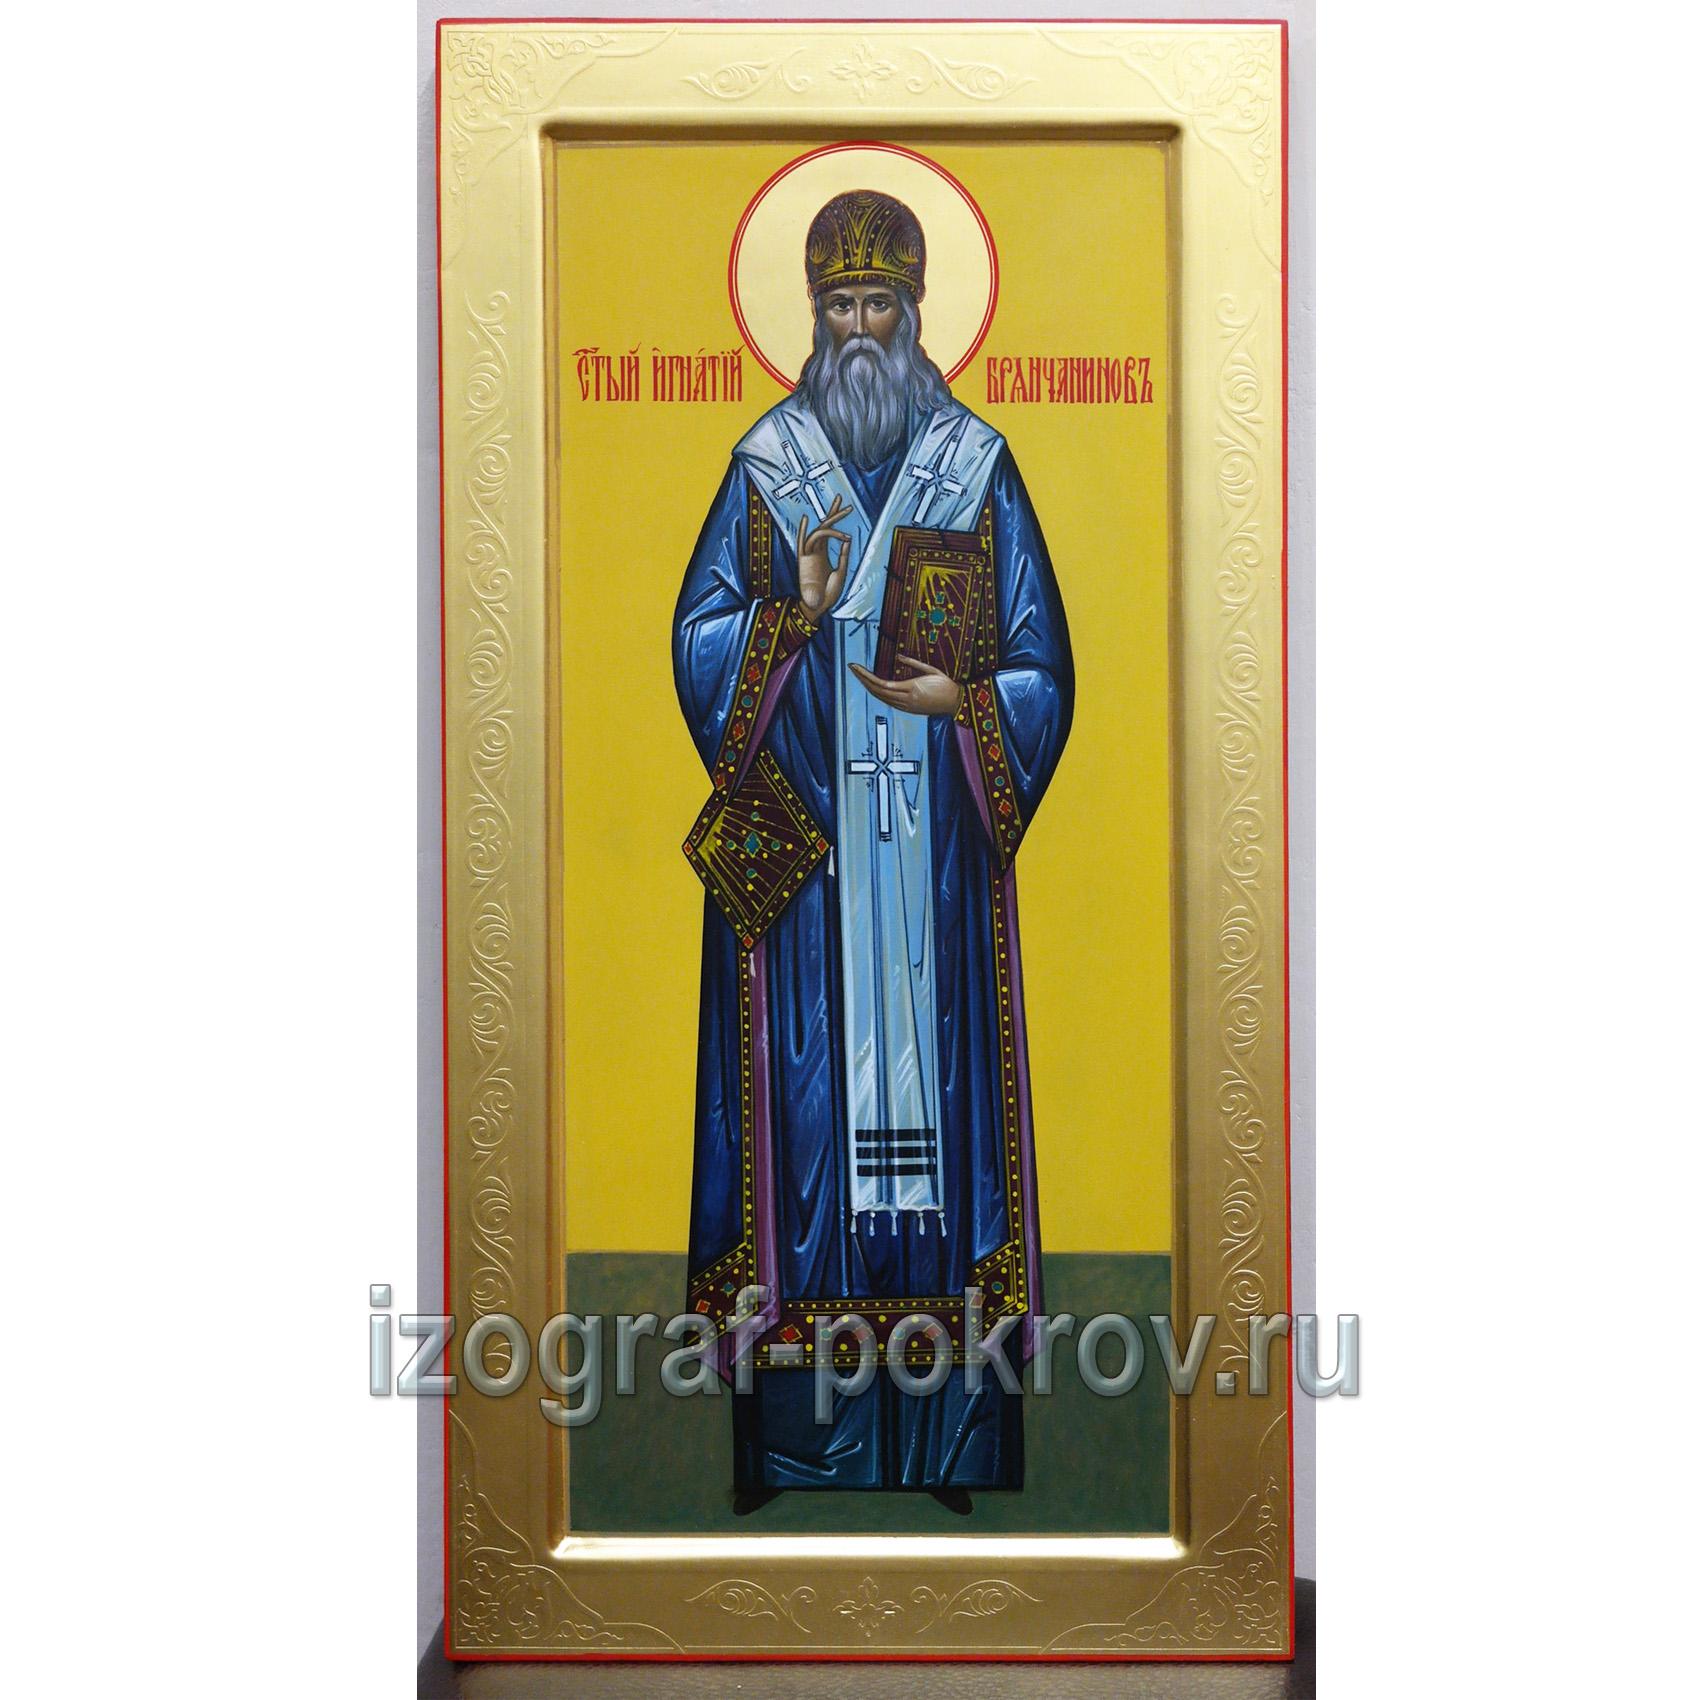 Рукописная икона Игнатий (Бранчанинов ). Иконописная мастерская.